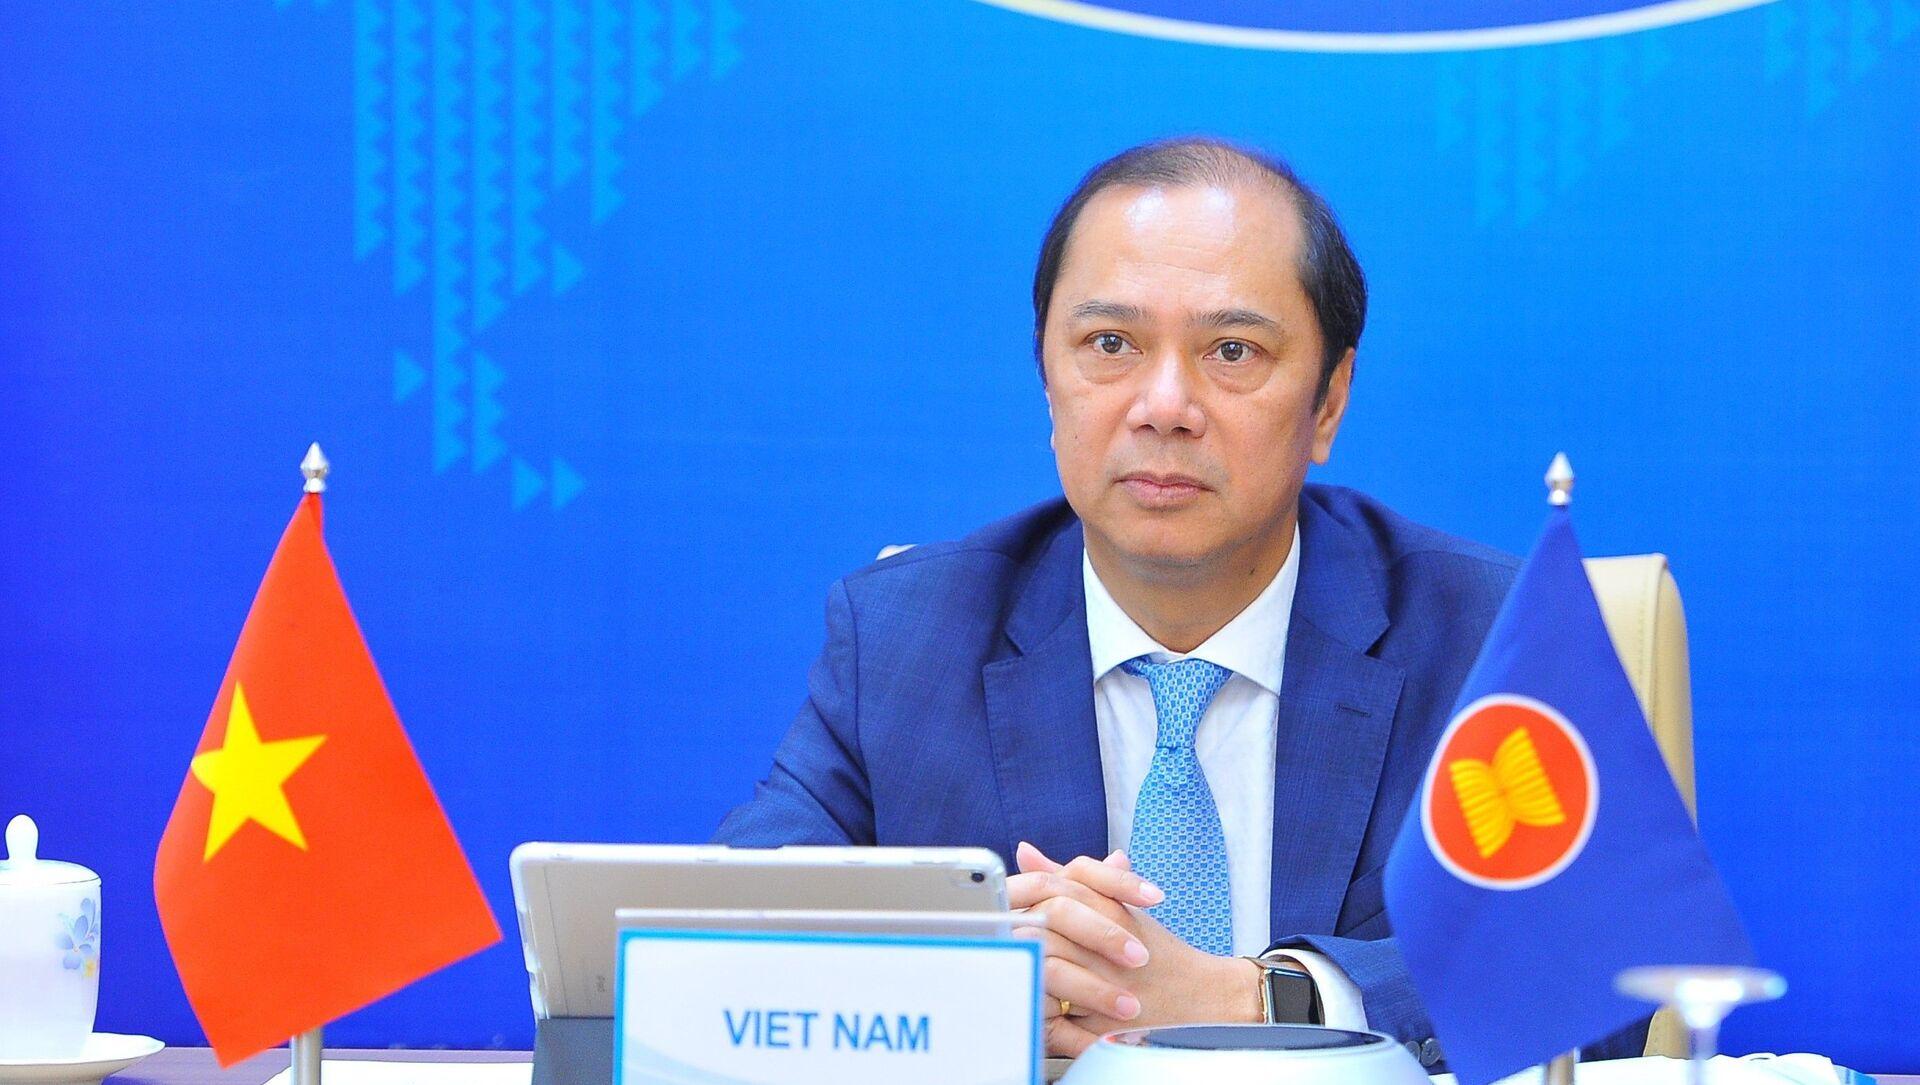 Thứ trưởng Bộ Ngoại giao Nguyễn Quốc Dũng dự Tham vấn Quan chức cấp cao ASEAN - Trung Quốc lần thứ 27 - Sputnik Việt Nam, 1920, 19.05.2021